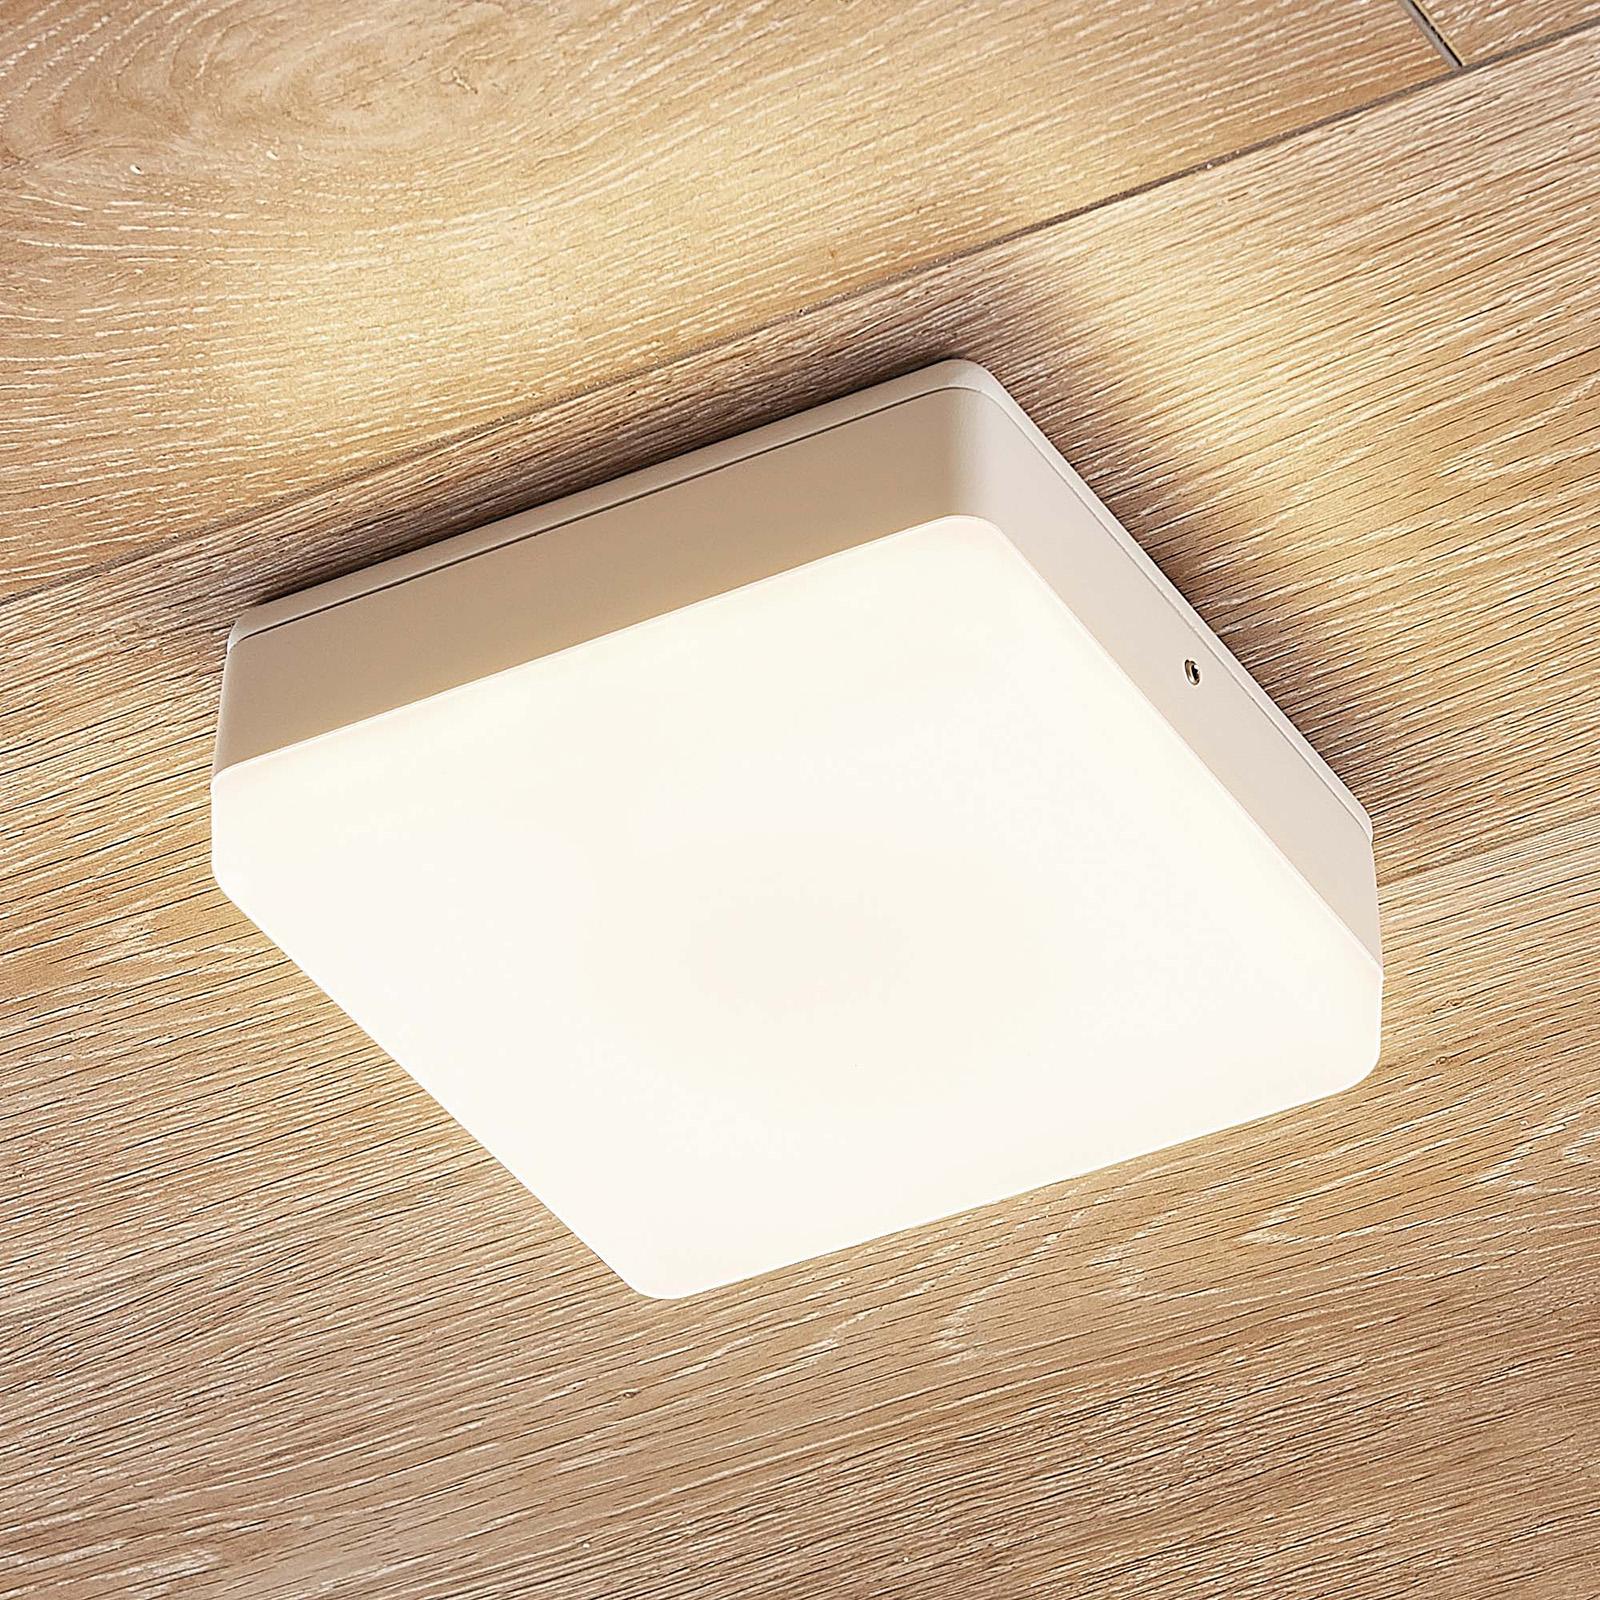 LED-taklampa Thilo, IP54, vit, 16 cm, HF-sensor